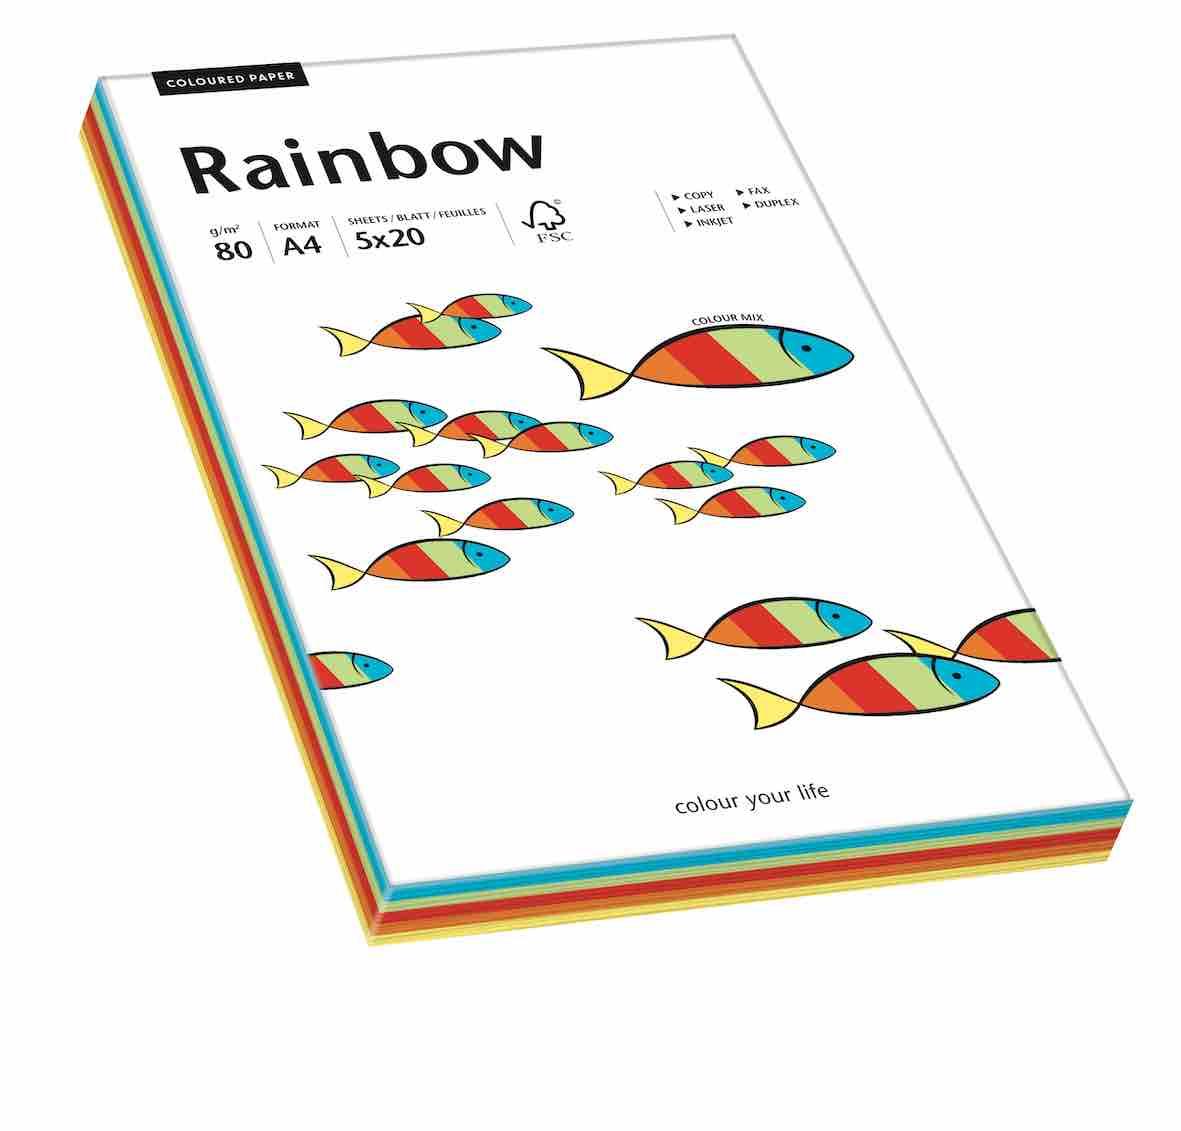 ryza papieru kolorowego Rainbow papier kolorowy